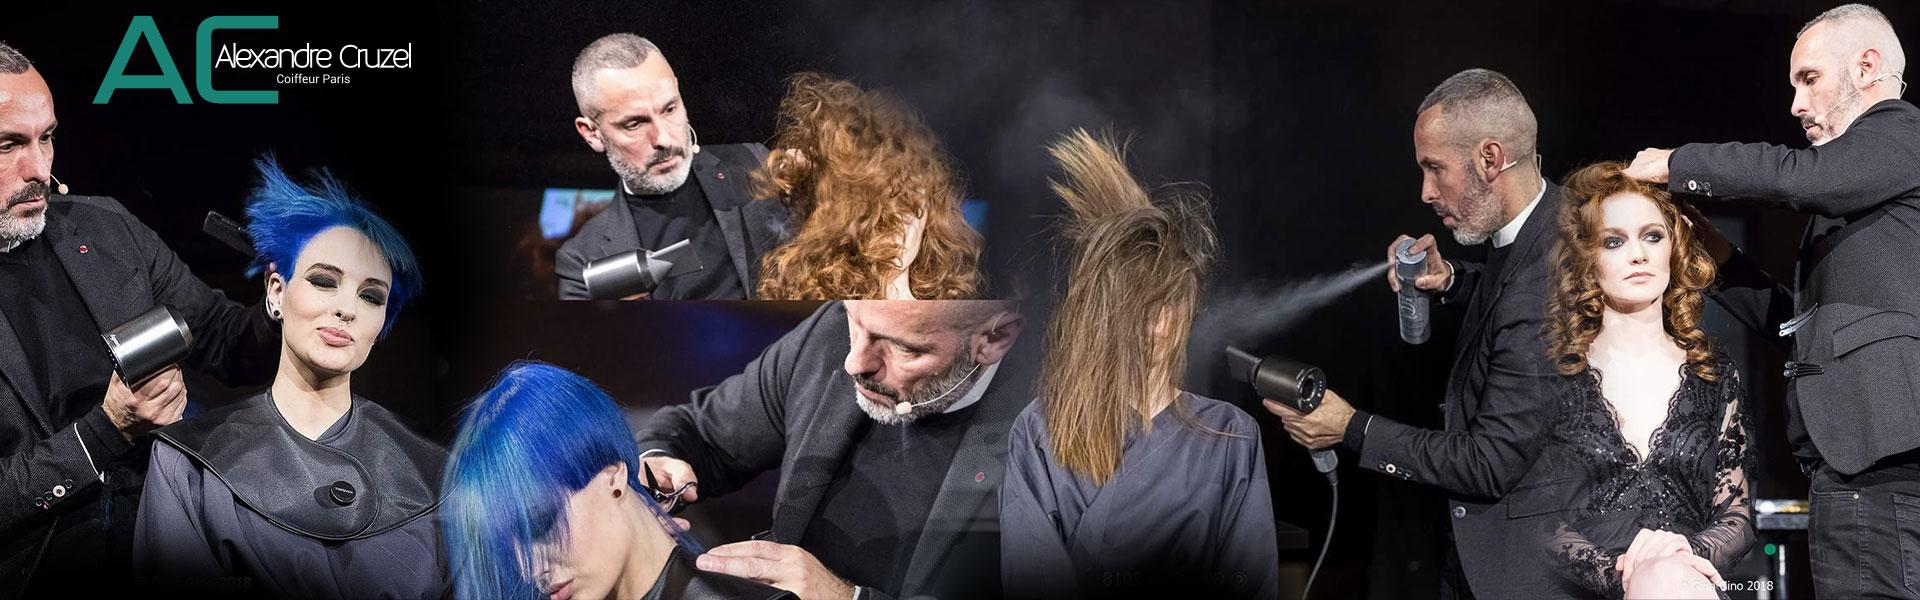 les formations coiffure Alex Cruzel